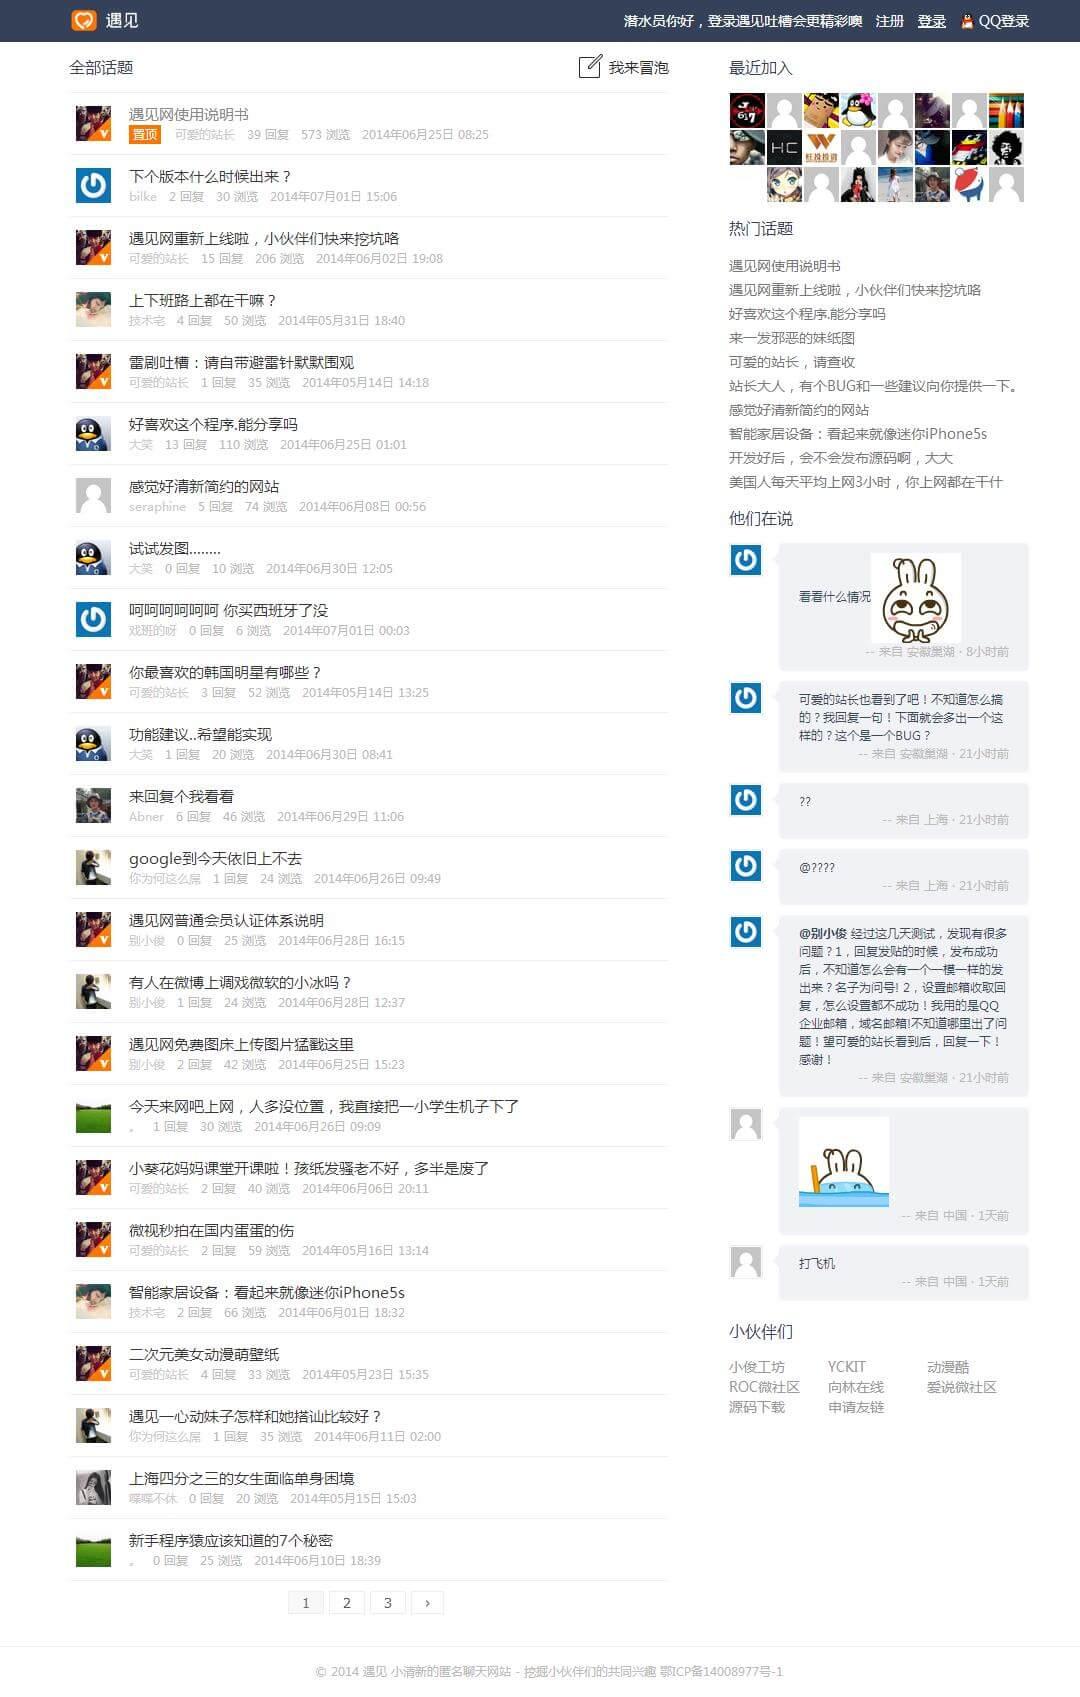 yuur轻型匿名社区源码系统V2.0版本分享